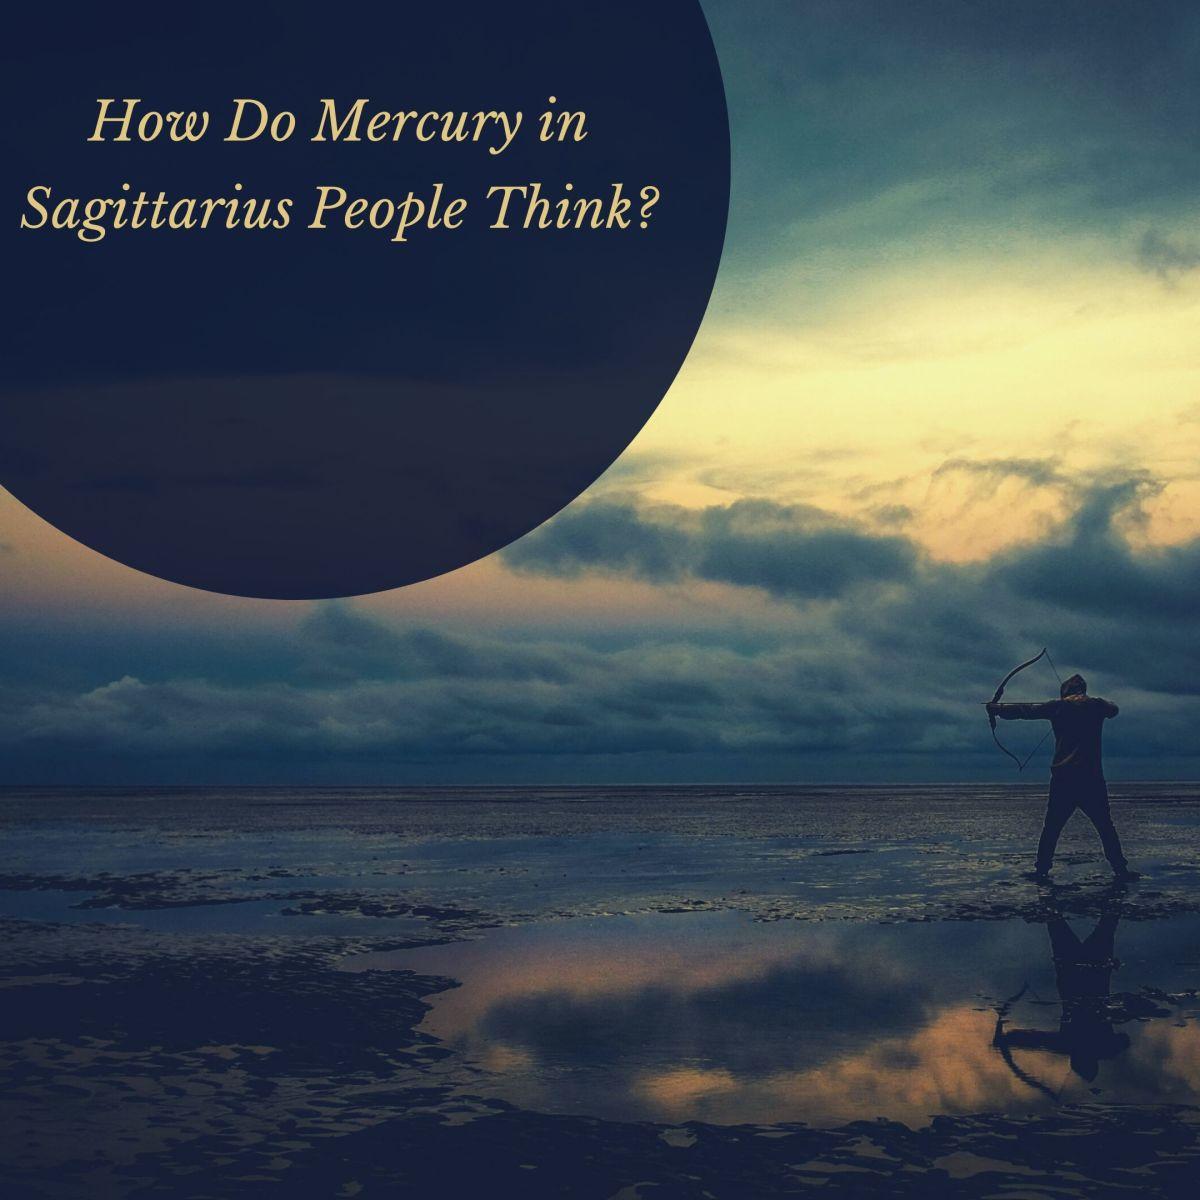 Mercury in Sagittarius Thinkers